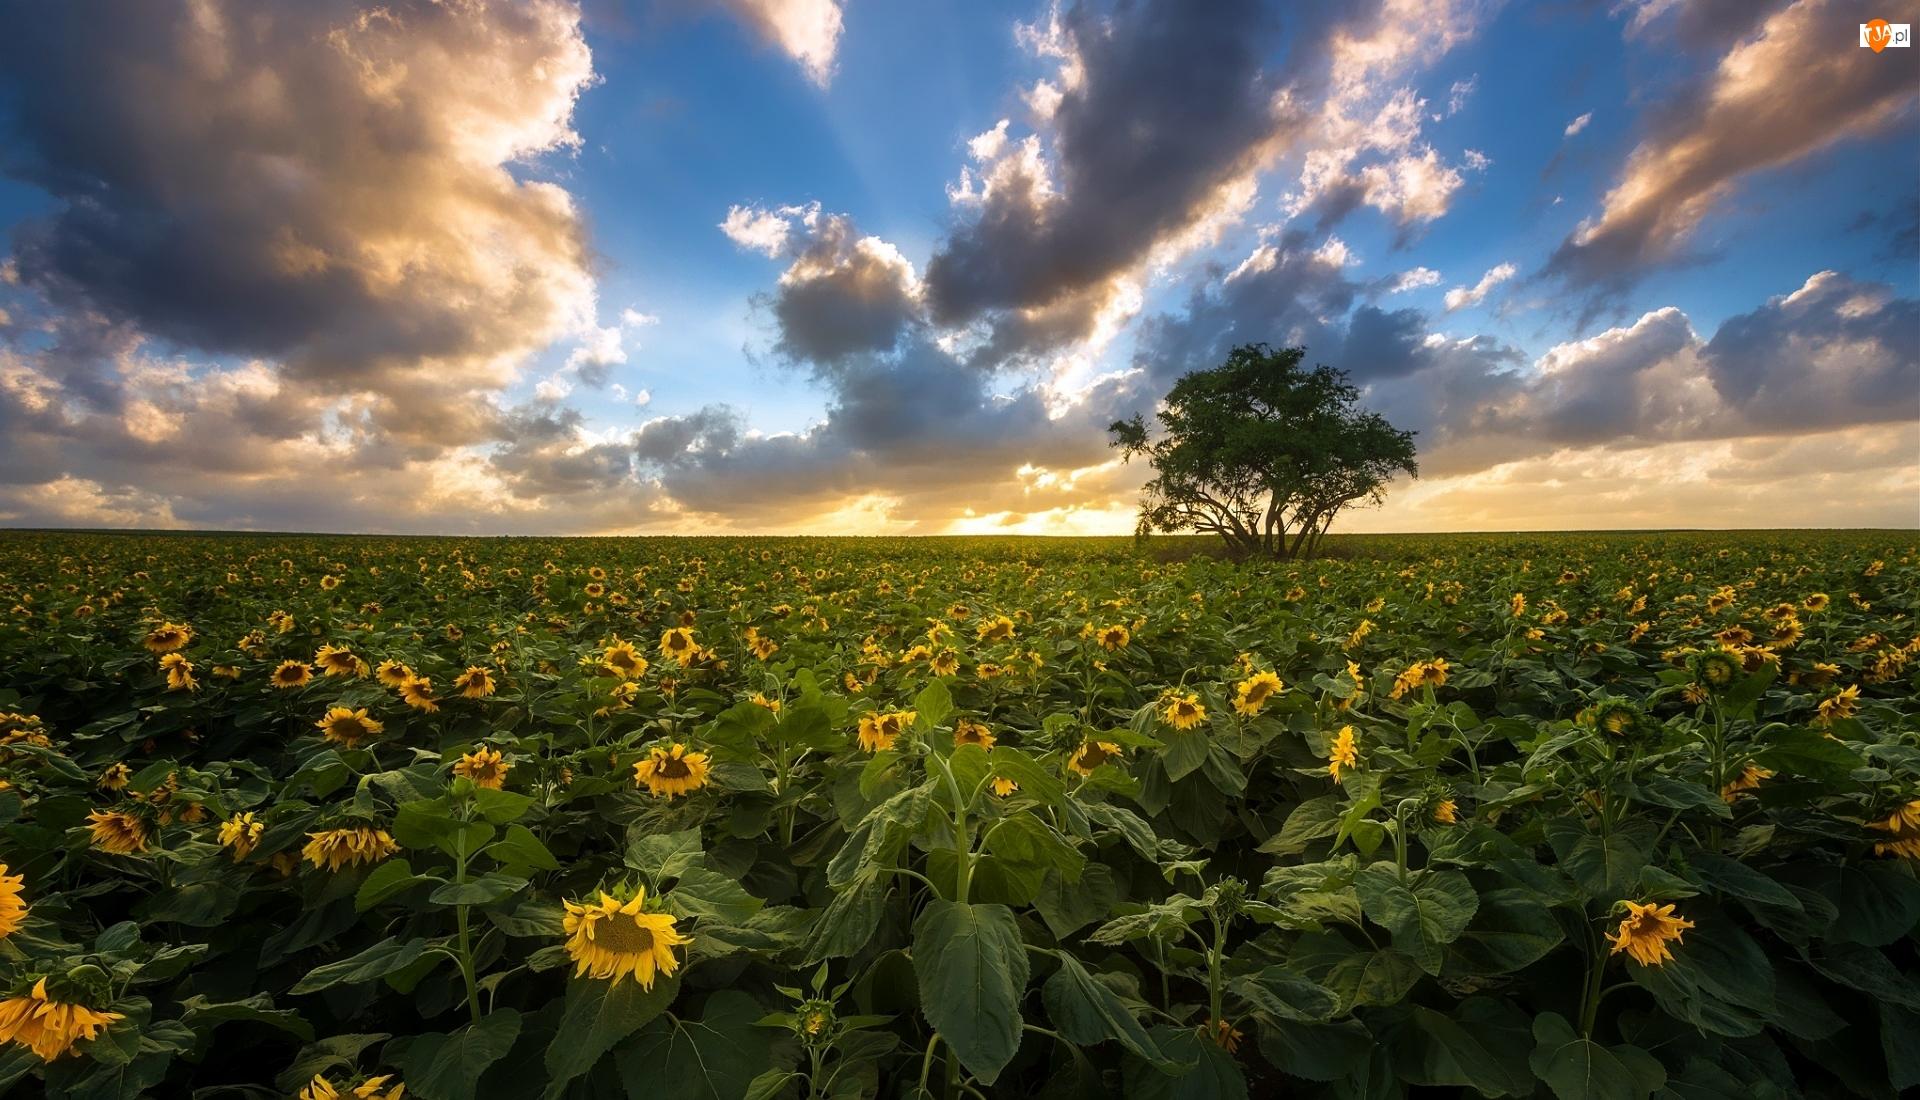 Kwiaty, Drzewo, Pole, Chmury, Słoneczniki